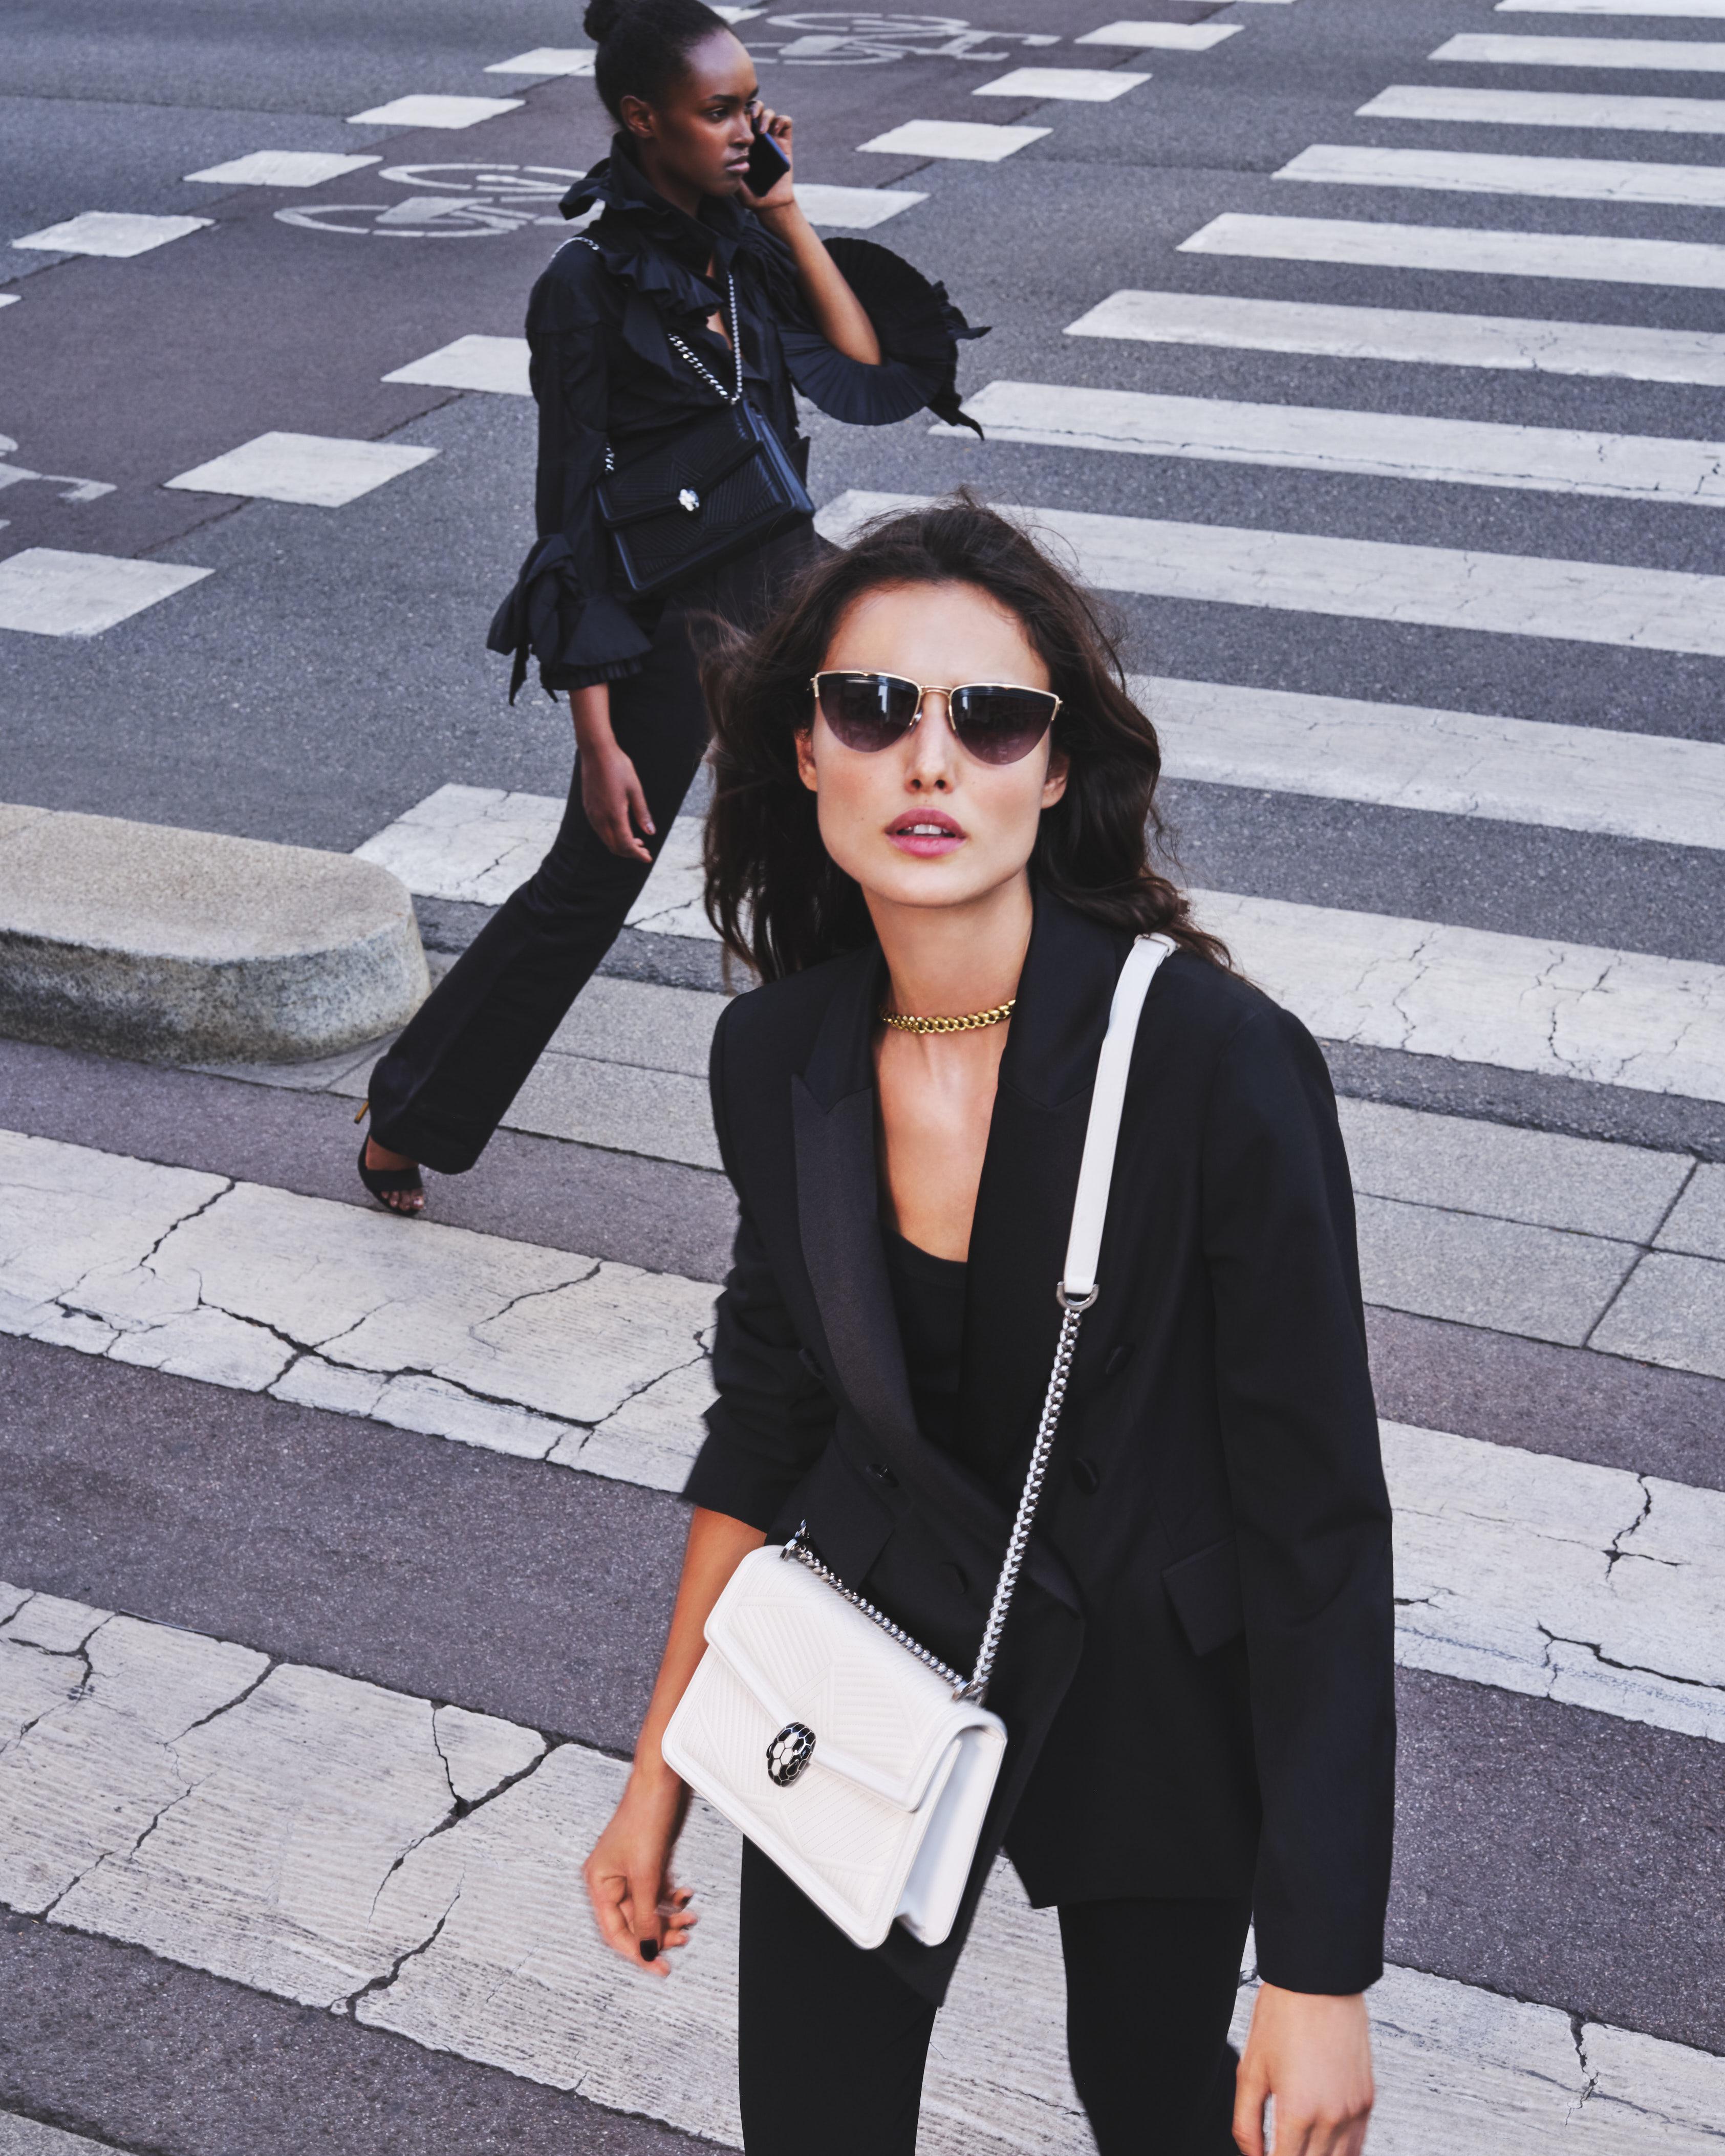 200729 Bvlgari UrbanJungle 17 063 d CROP - Campaña de accesorios SS21 de Bvlgari tiene como protagonista a española Blanca Padilla